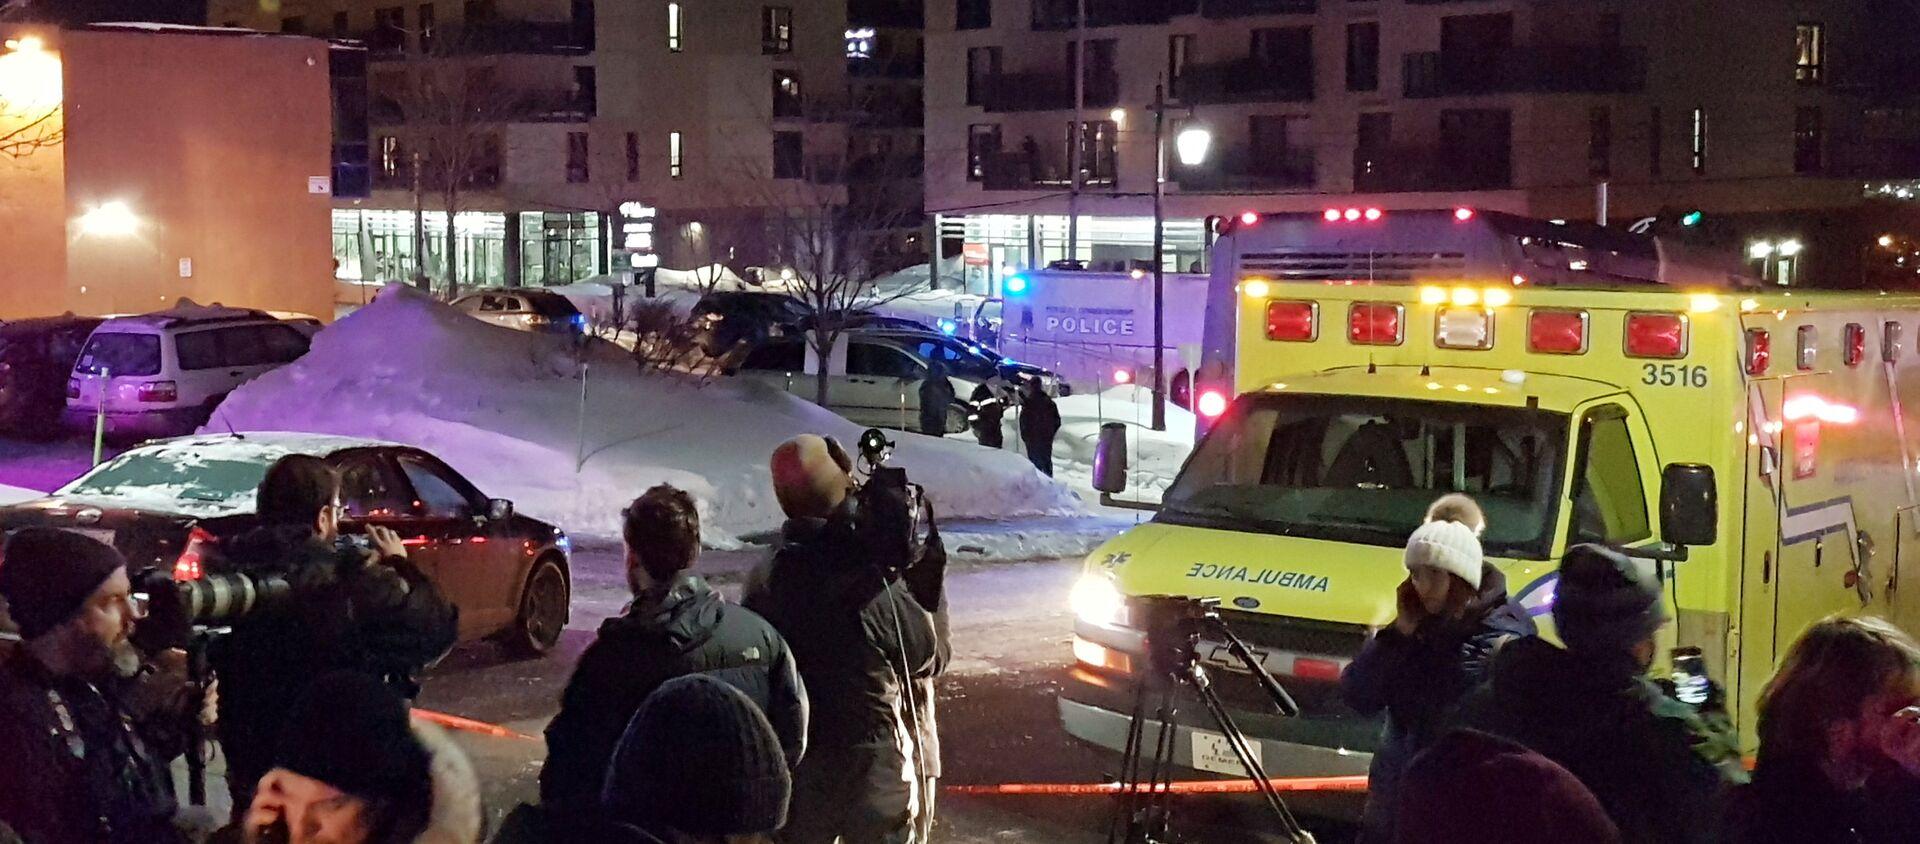 Il luogo della sparatoia nel Centro culturale islamico a Quebec City, Canada, il 29 Gennaio 2017 - Sputnik Italia, 1920, 30.01.2017